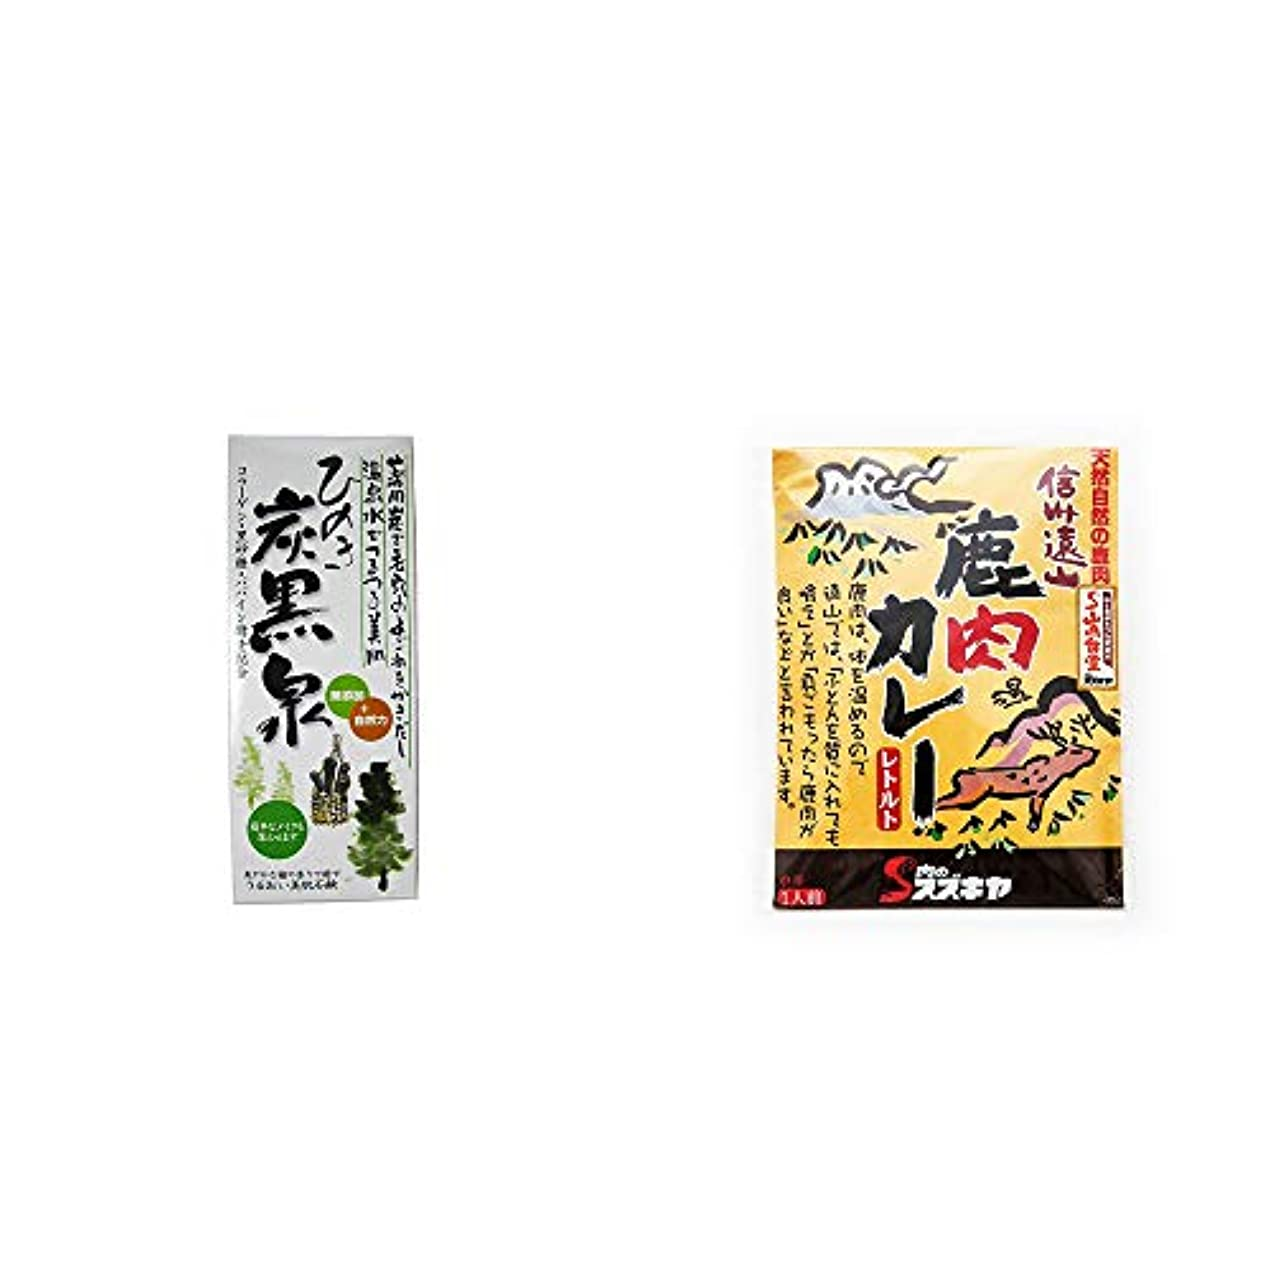 汚すスープサーマル[2点セット] ひのき炭黒泉 箱入り(75g×3)?信州遠山 鹿肉カレー 中辛 (1食分)